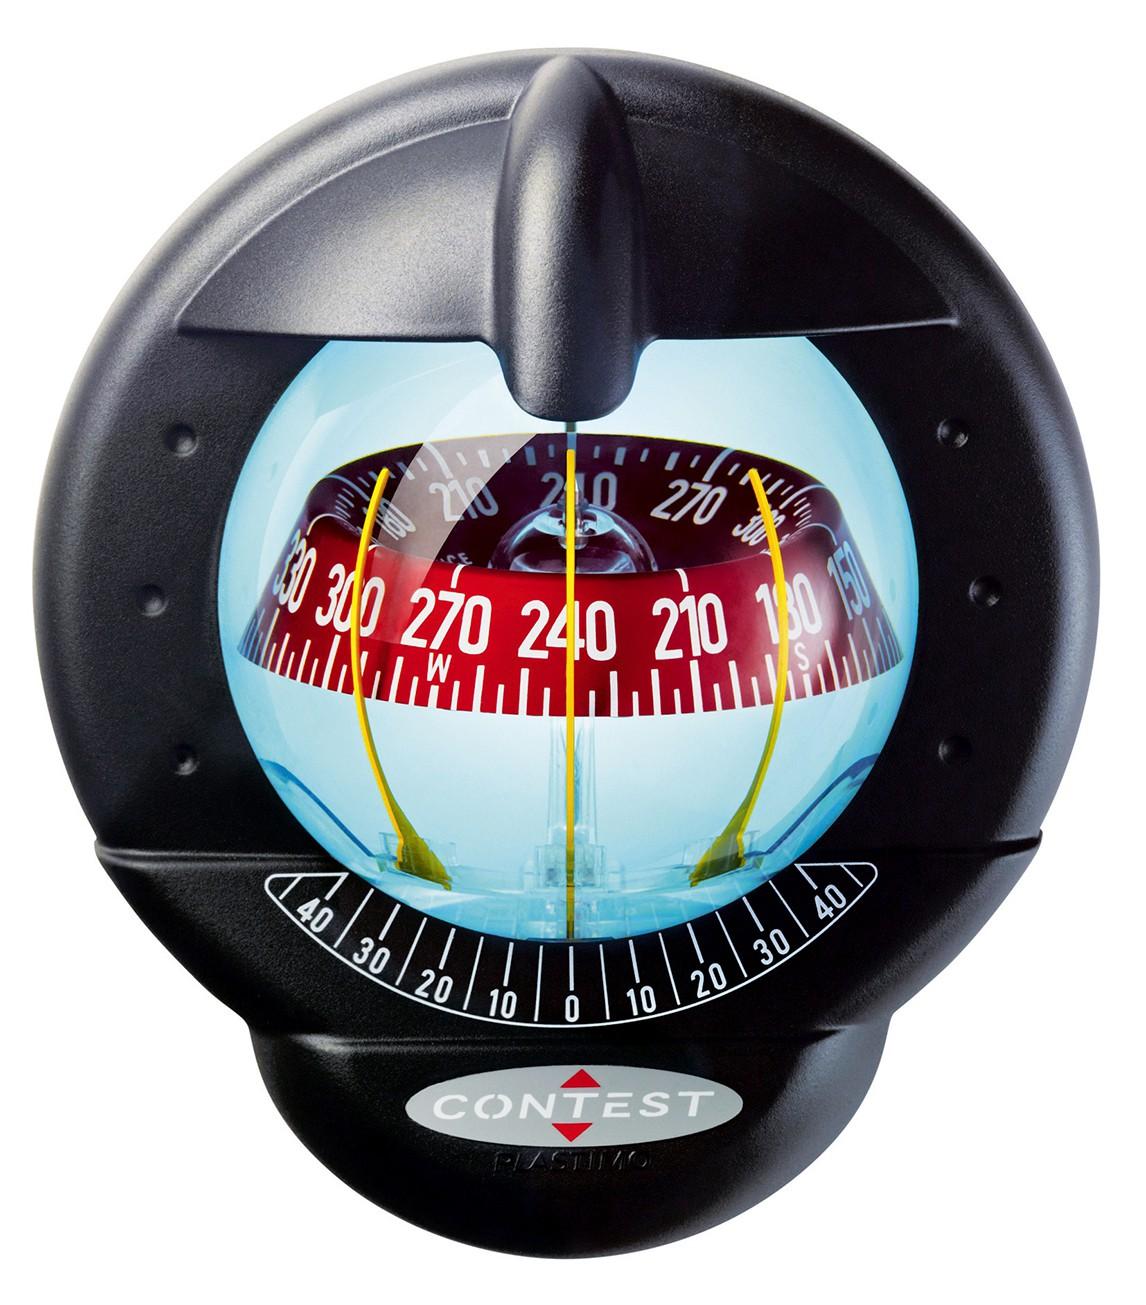 Plastimo Kompass Contest 101 für gerades Schott verschiedenen Ausführungen